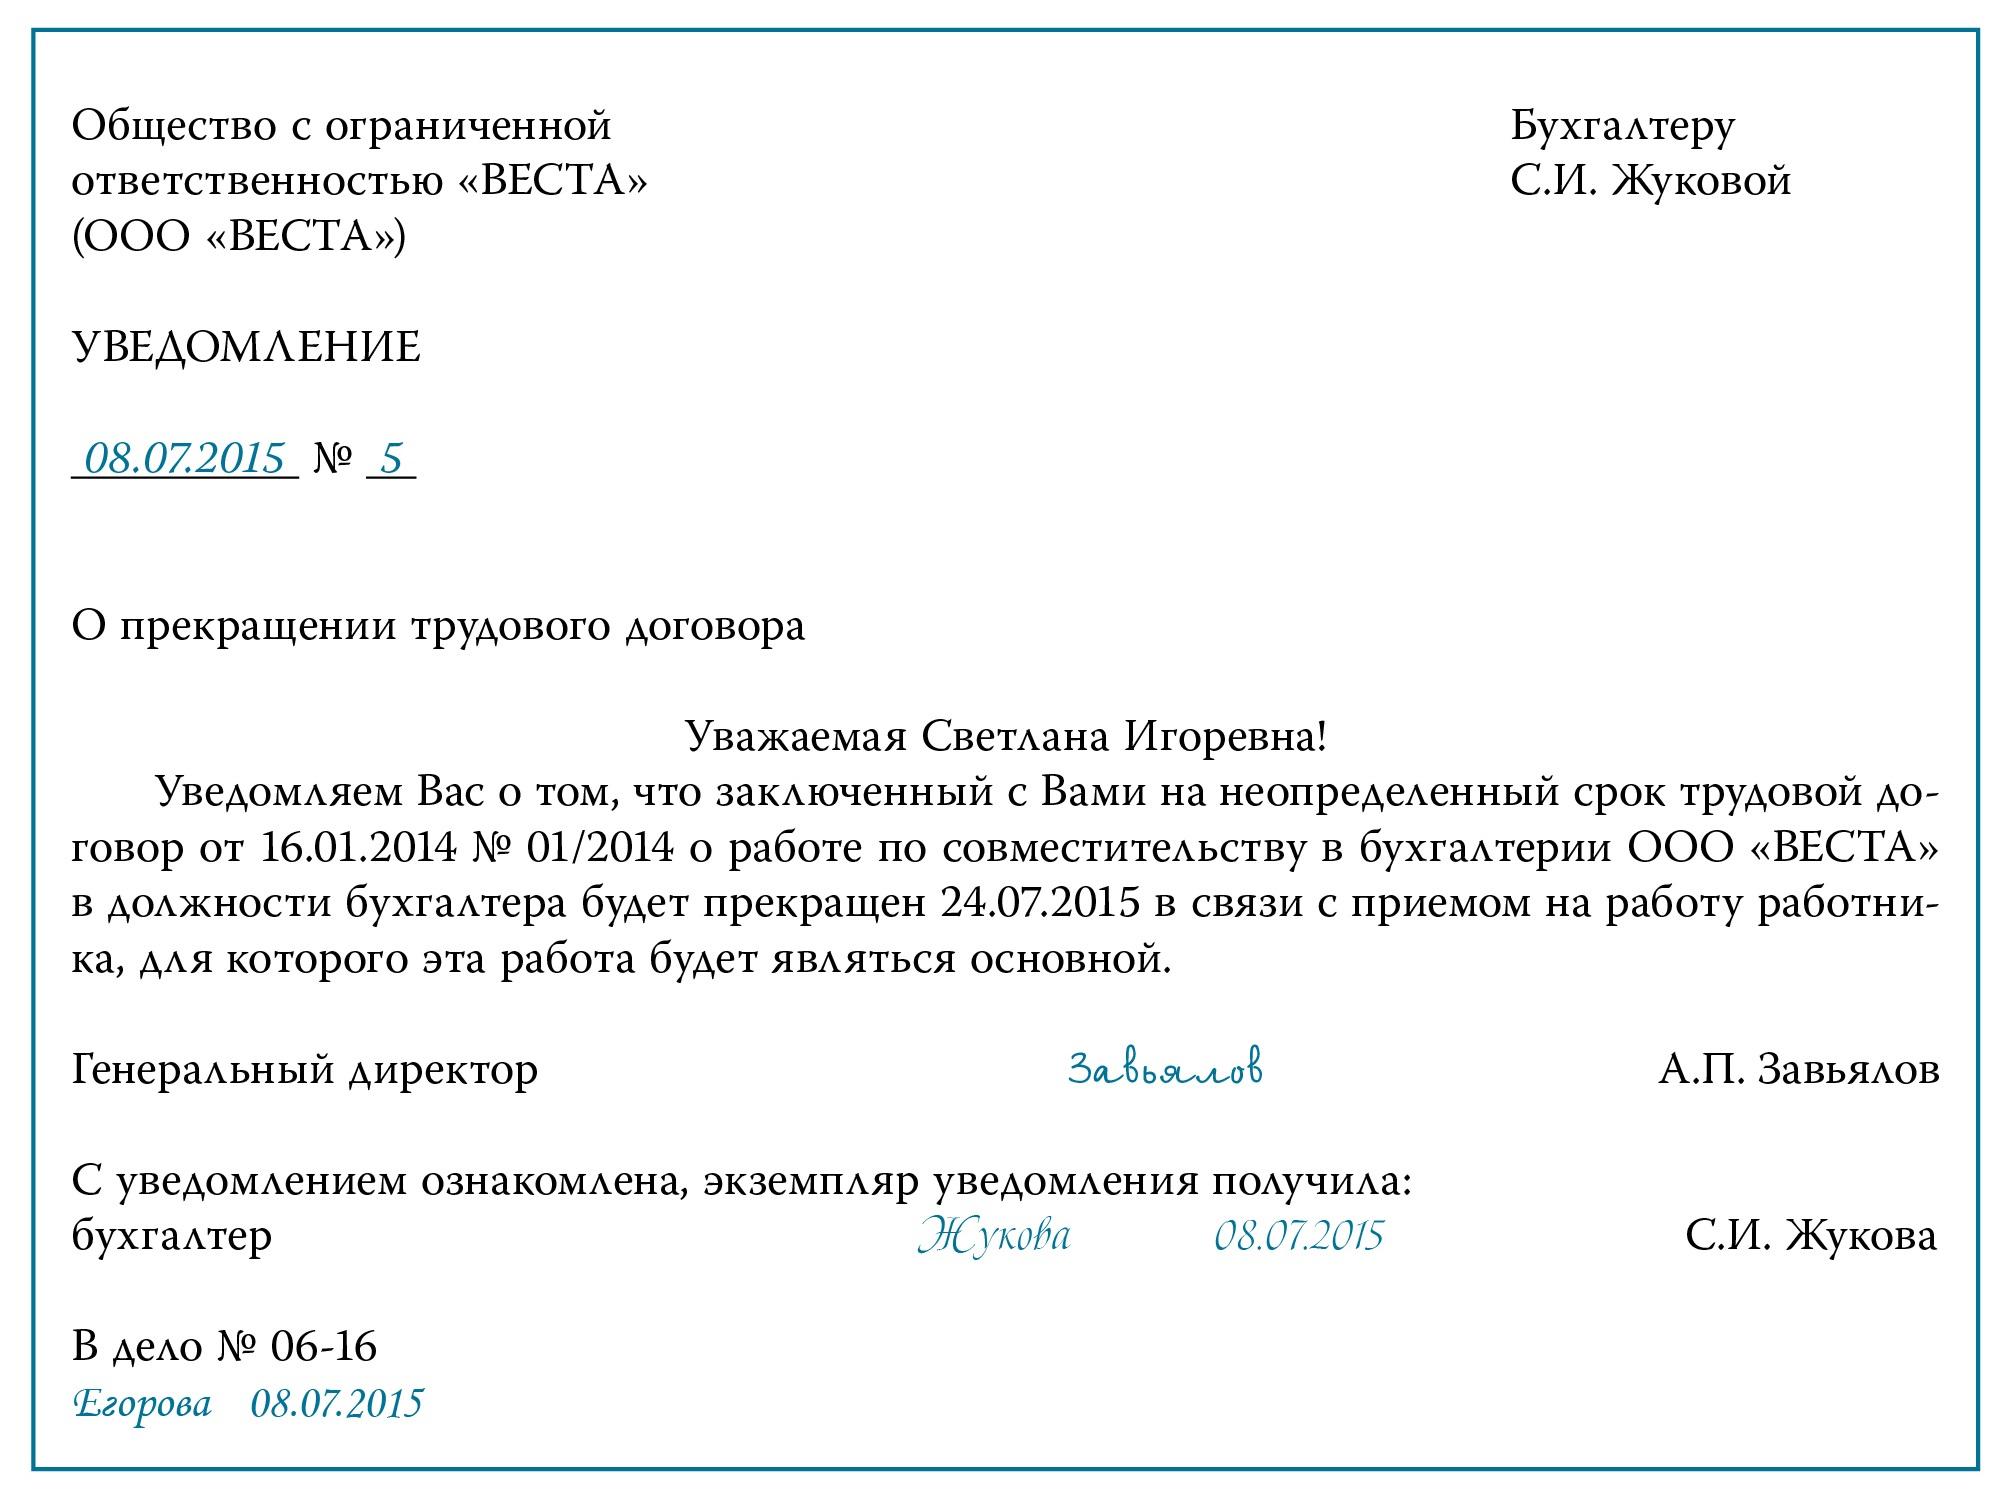 Как уволиться совместителю по кзот россии